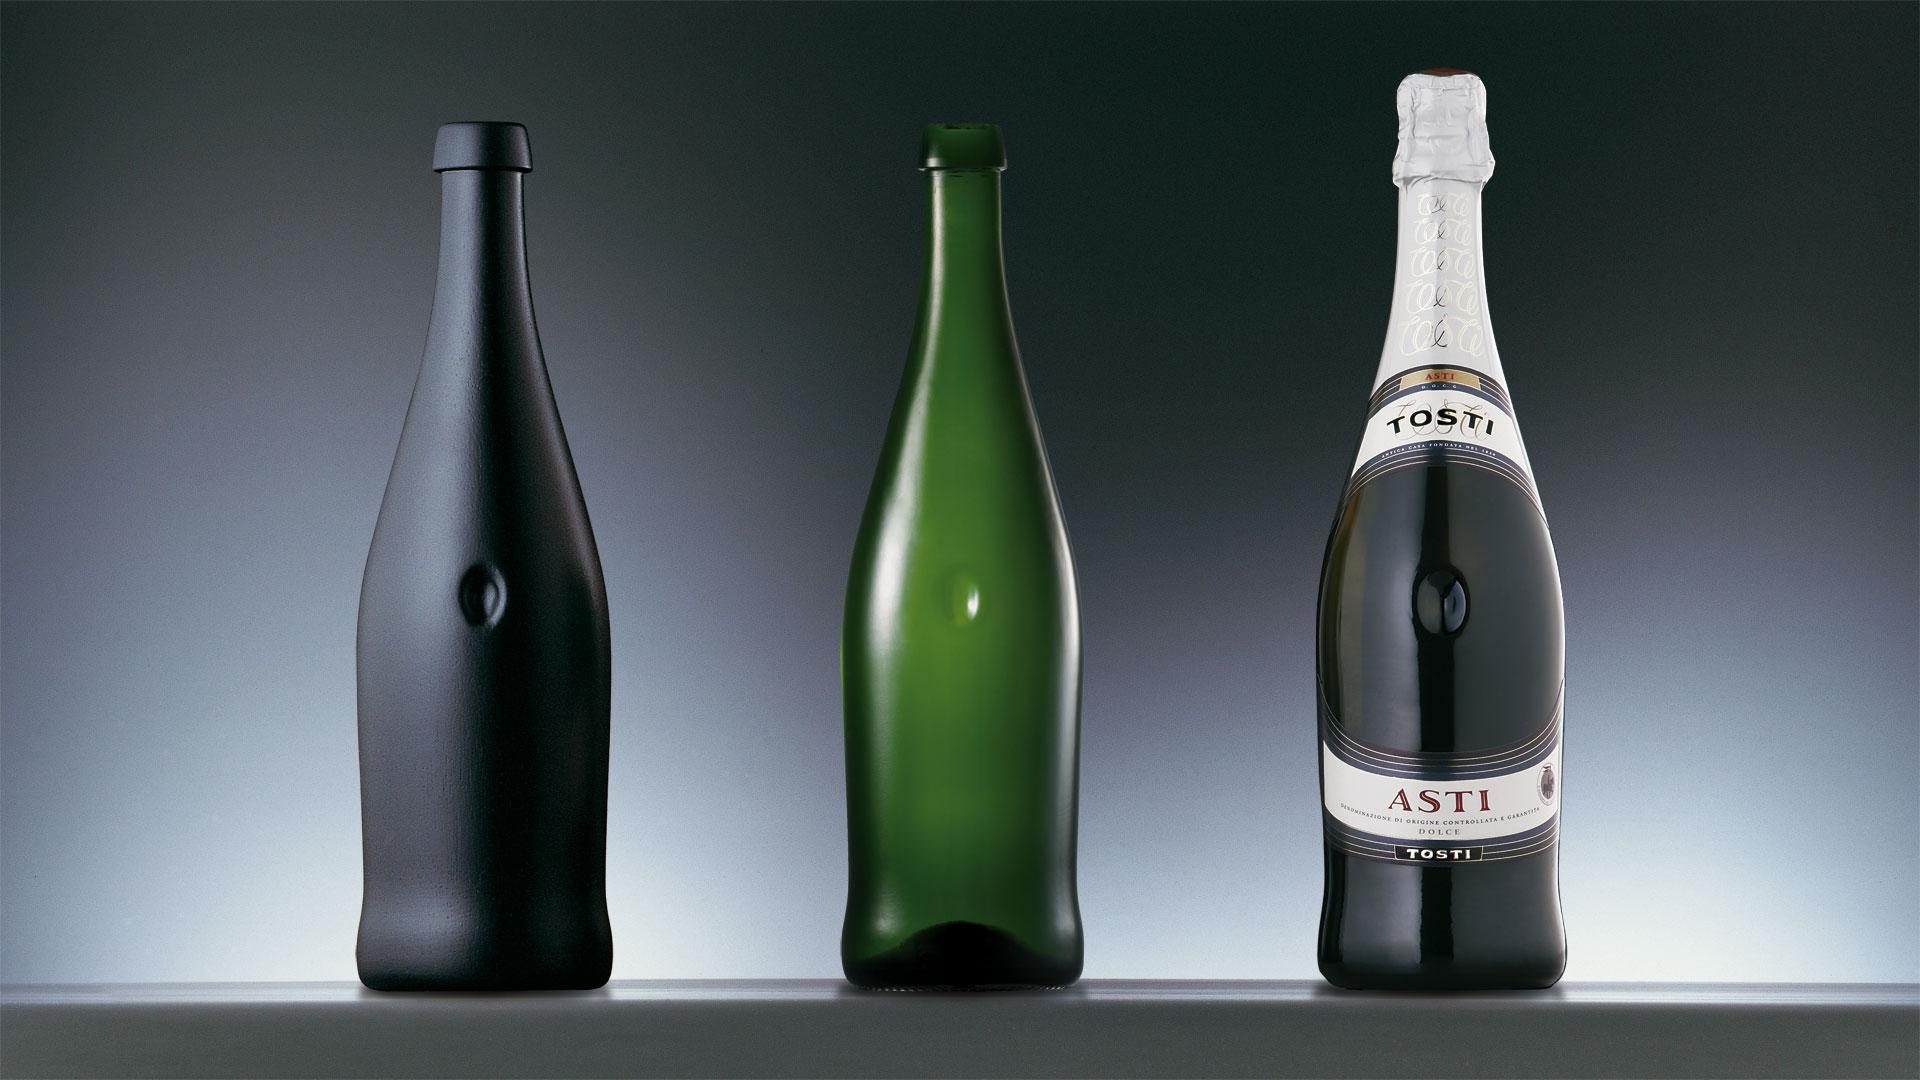 Tosti bottle design